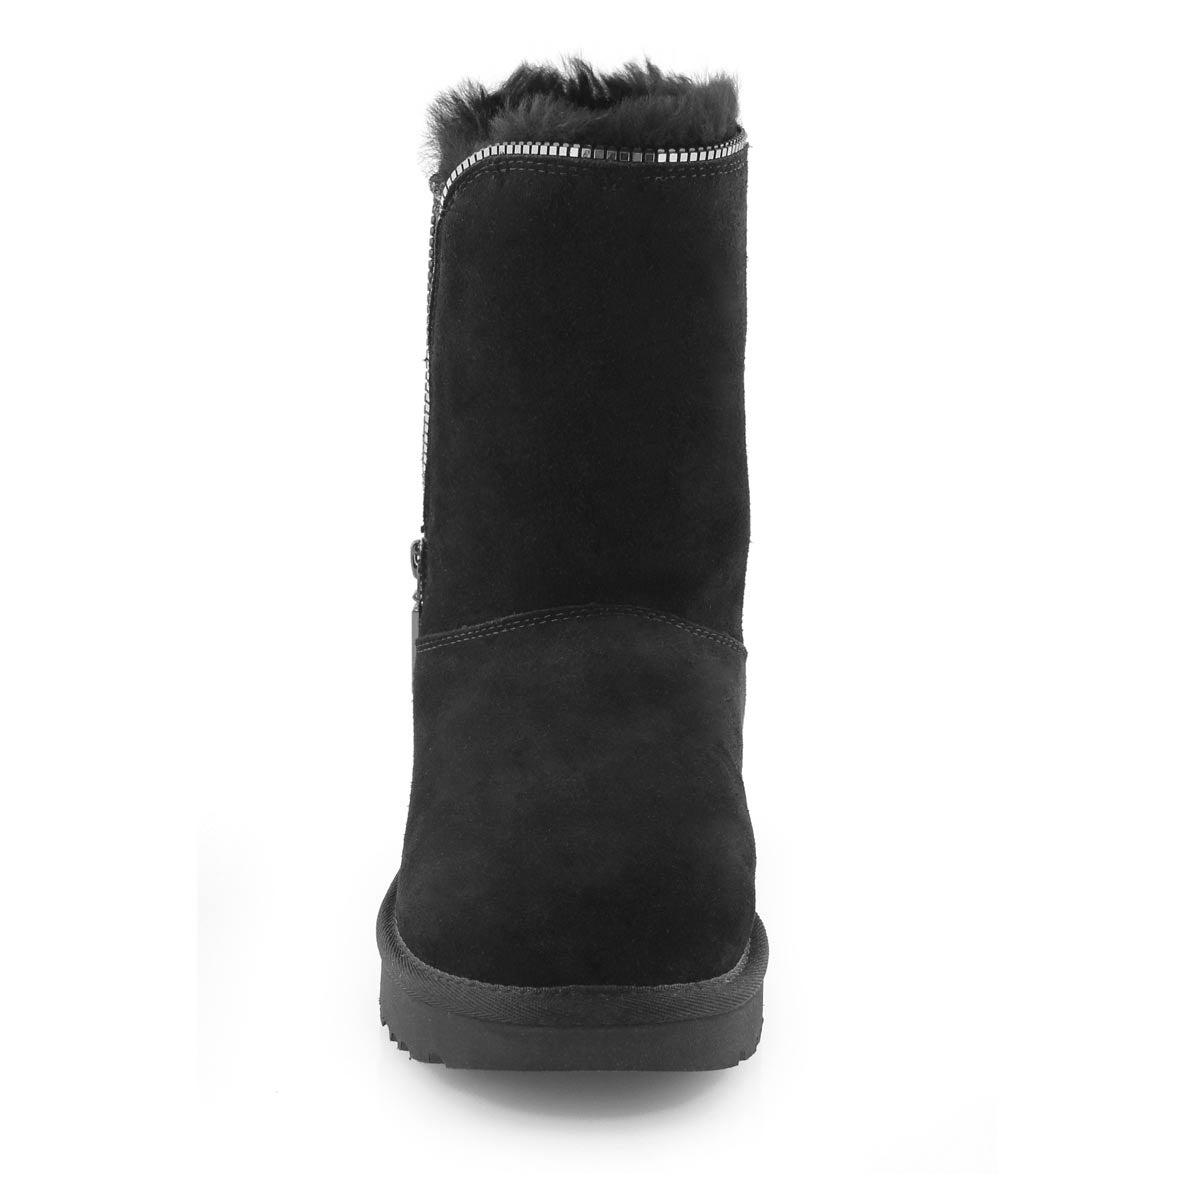 Bottes CLASSIC ZIP noires, laine de mouton, femmes